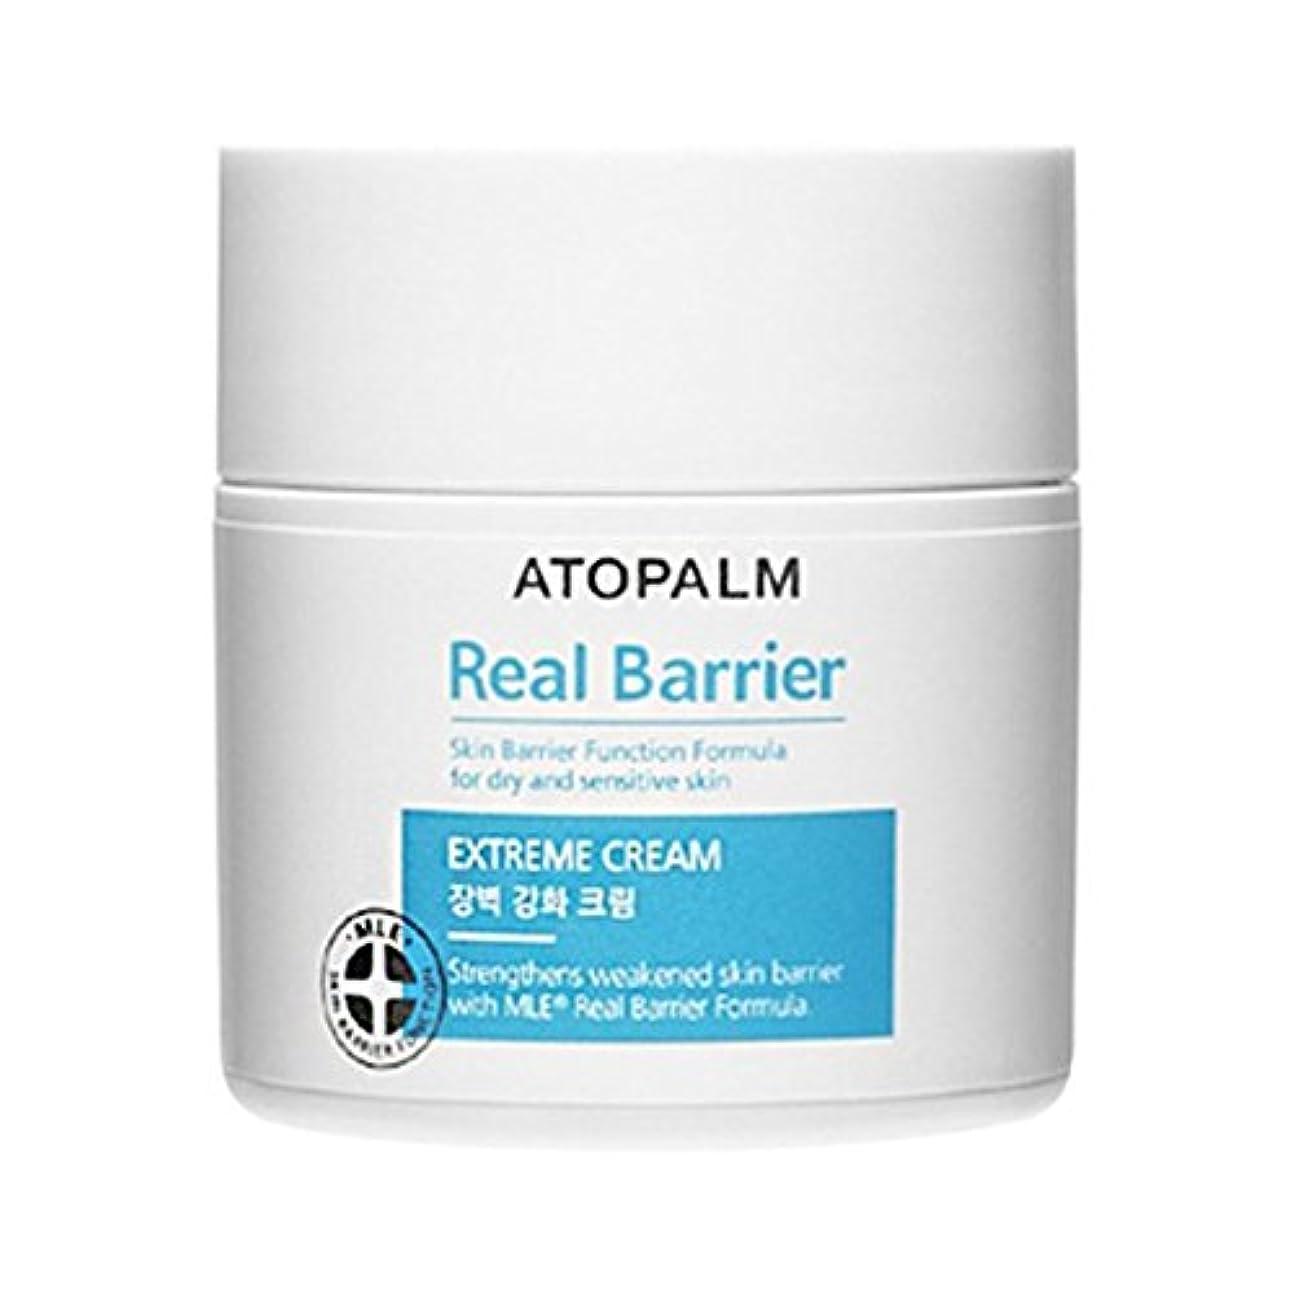 彼らの発音予算アトファムリアルバリア?エクストリームクリーム50ml、韓国化粧品 ATOPALM Real Barrier Extream Cream 50ml, Korean Cosmetics [並行輸入品]